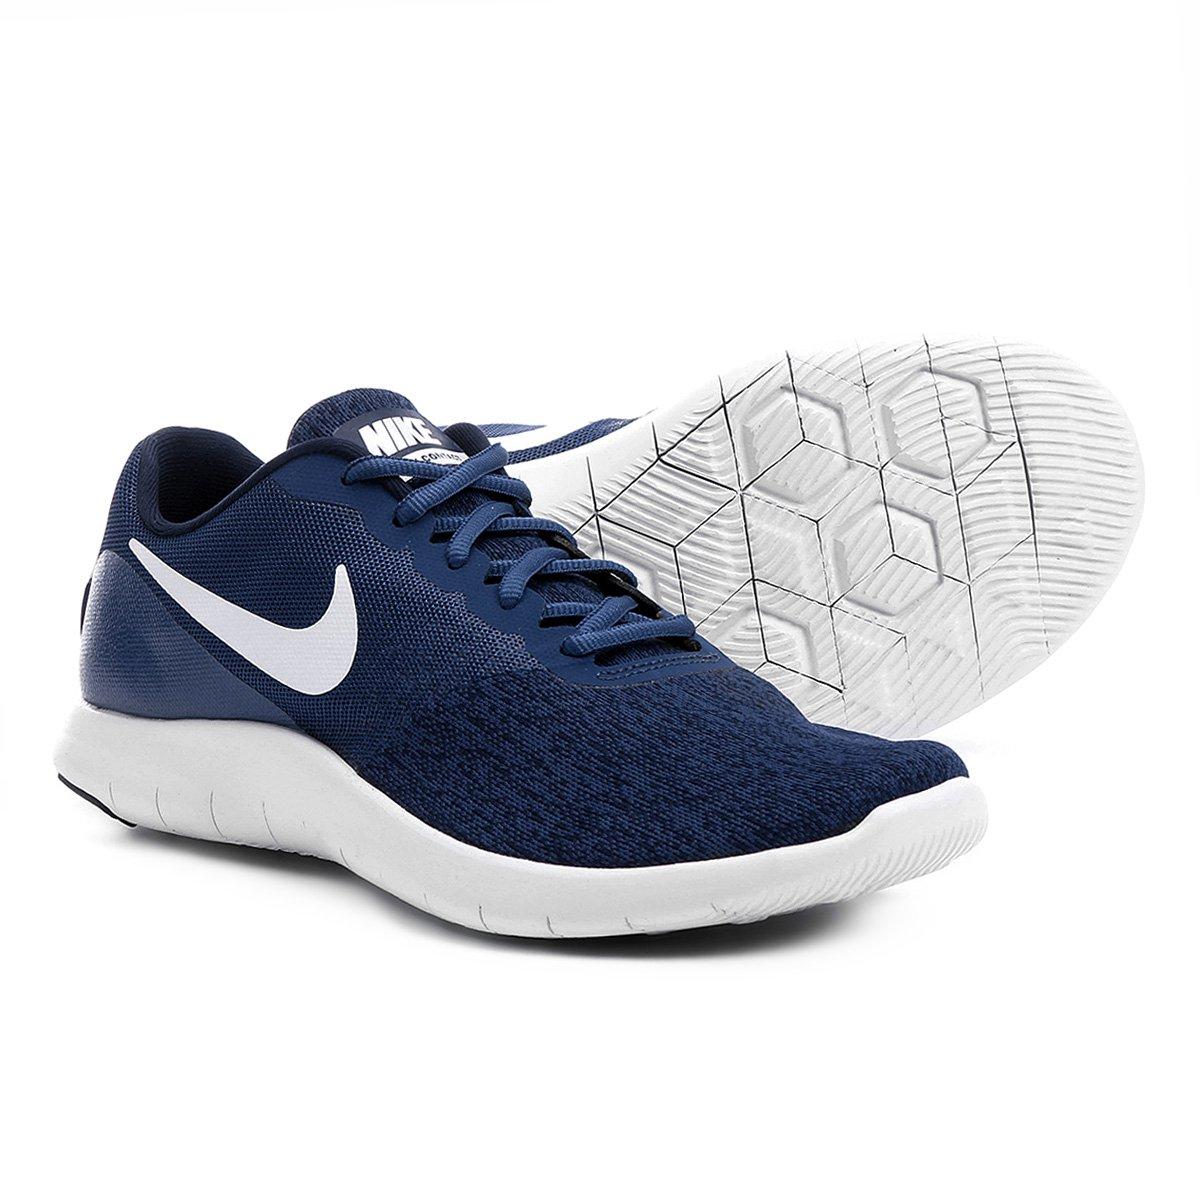 1687dc80c Tênis Nike Flex Contact Masculino - Marinho e Branco - Compre Agora ...